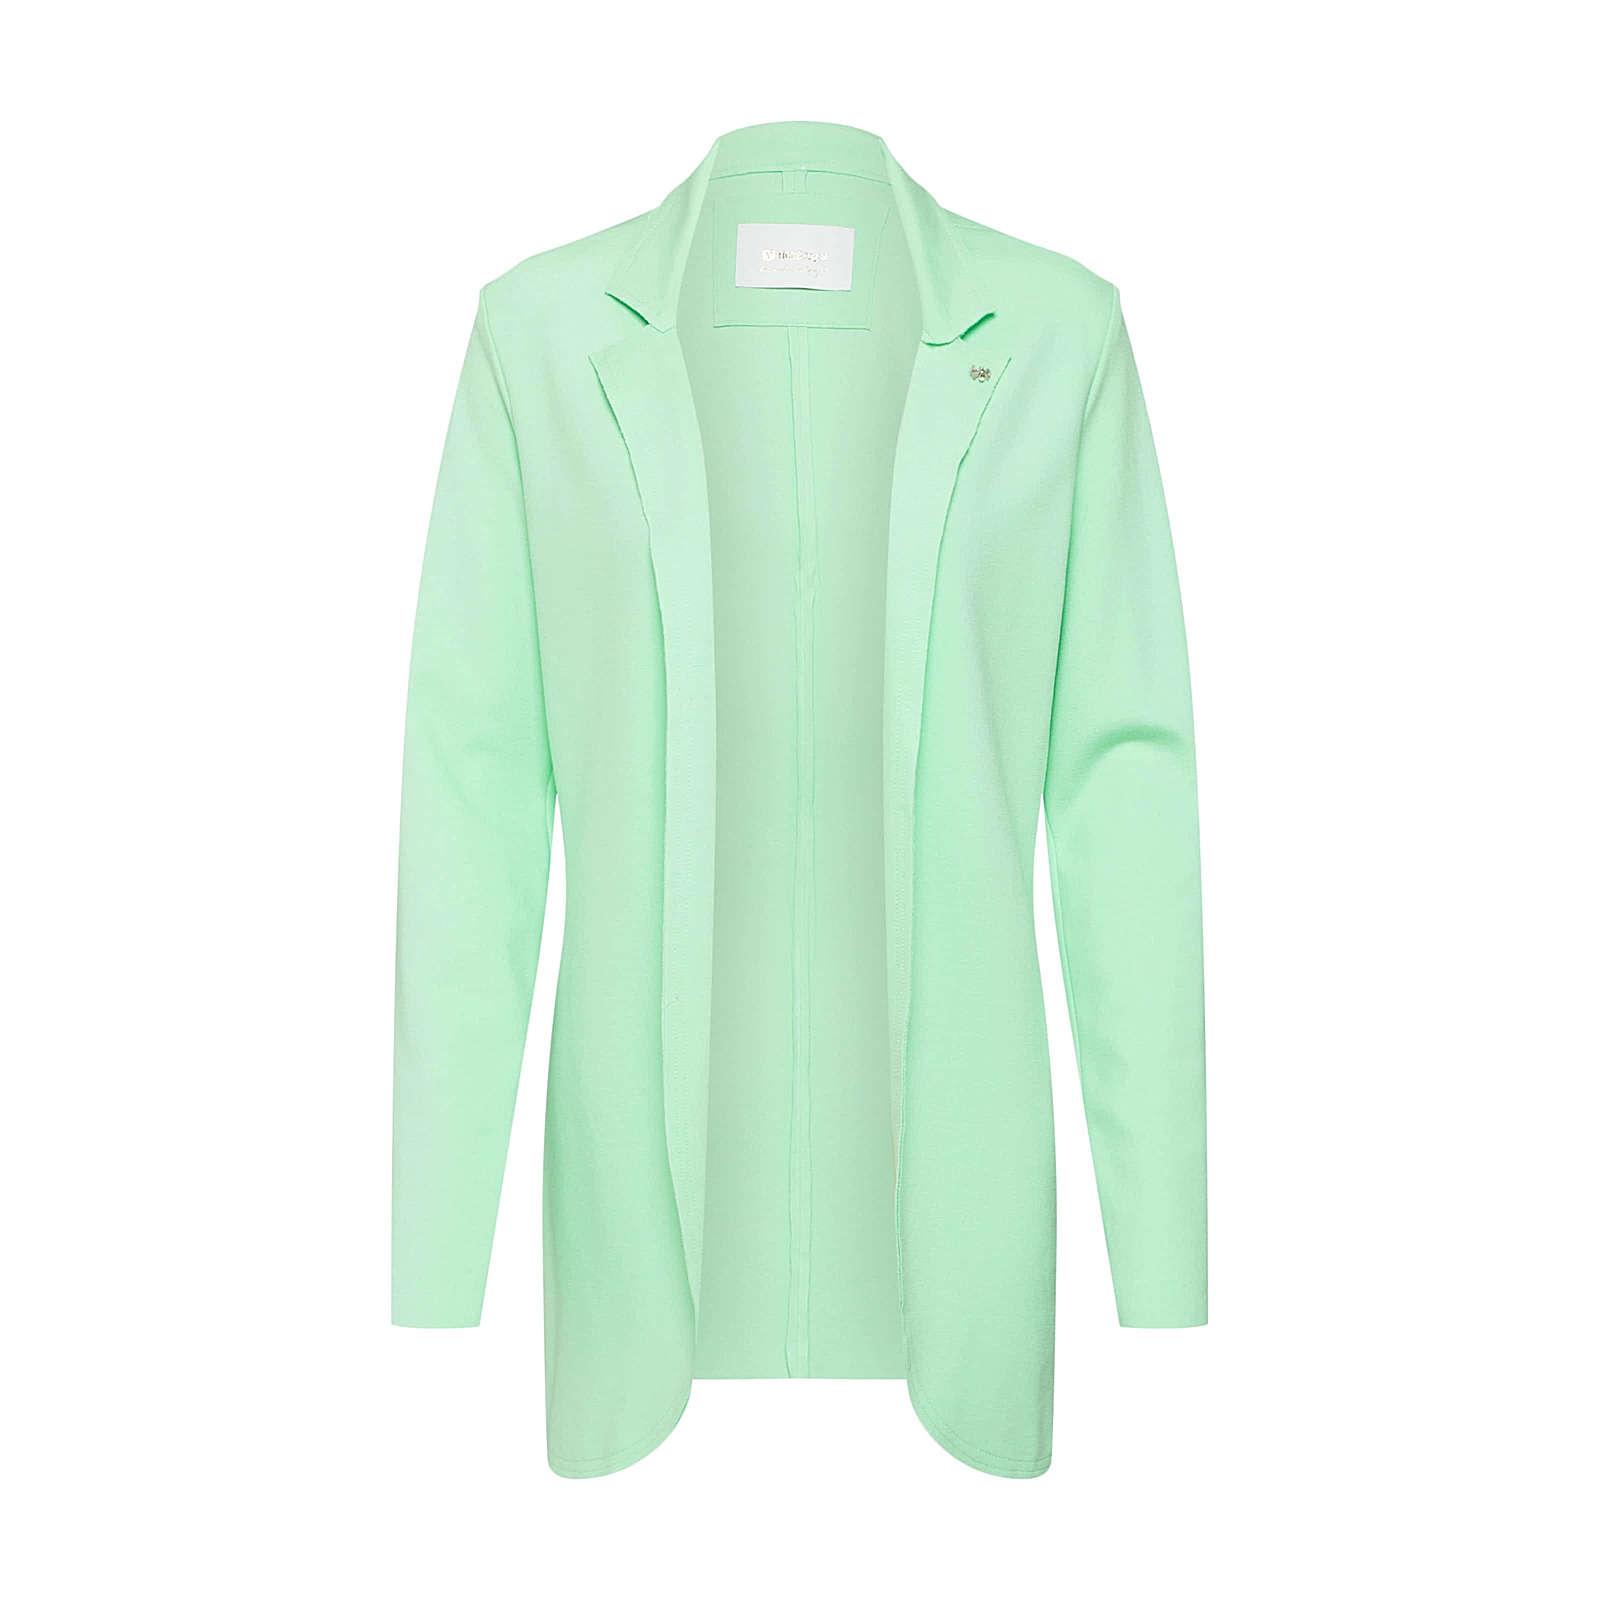 rich&royal Rich & Royal Blazer Sweatblazer mint Damen Gr. 38